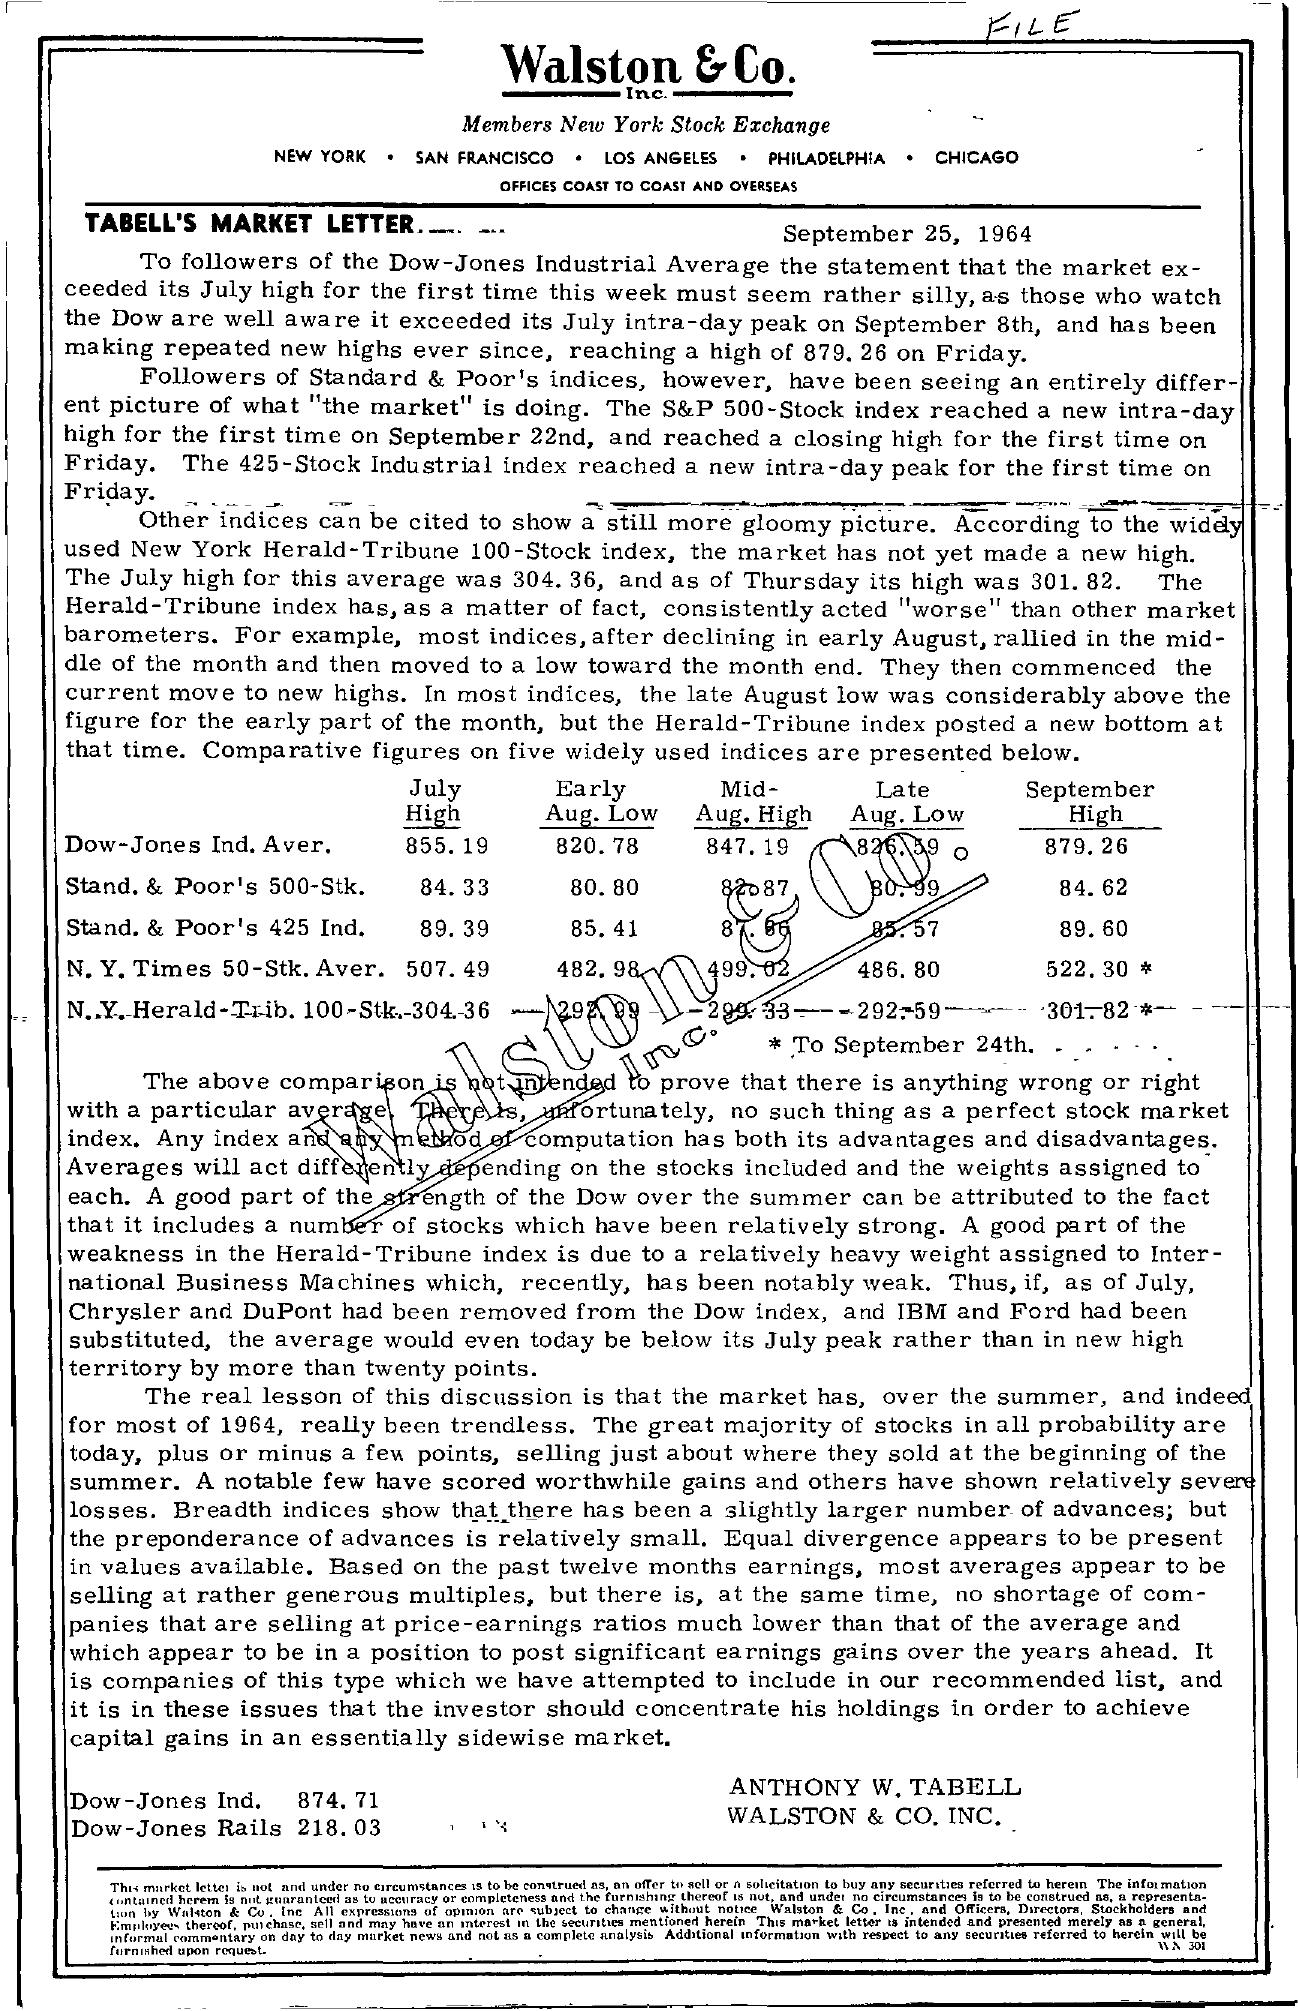 Tabell's Market Letter - September 25, 1964